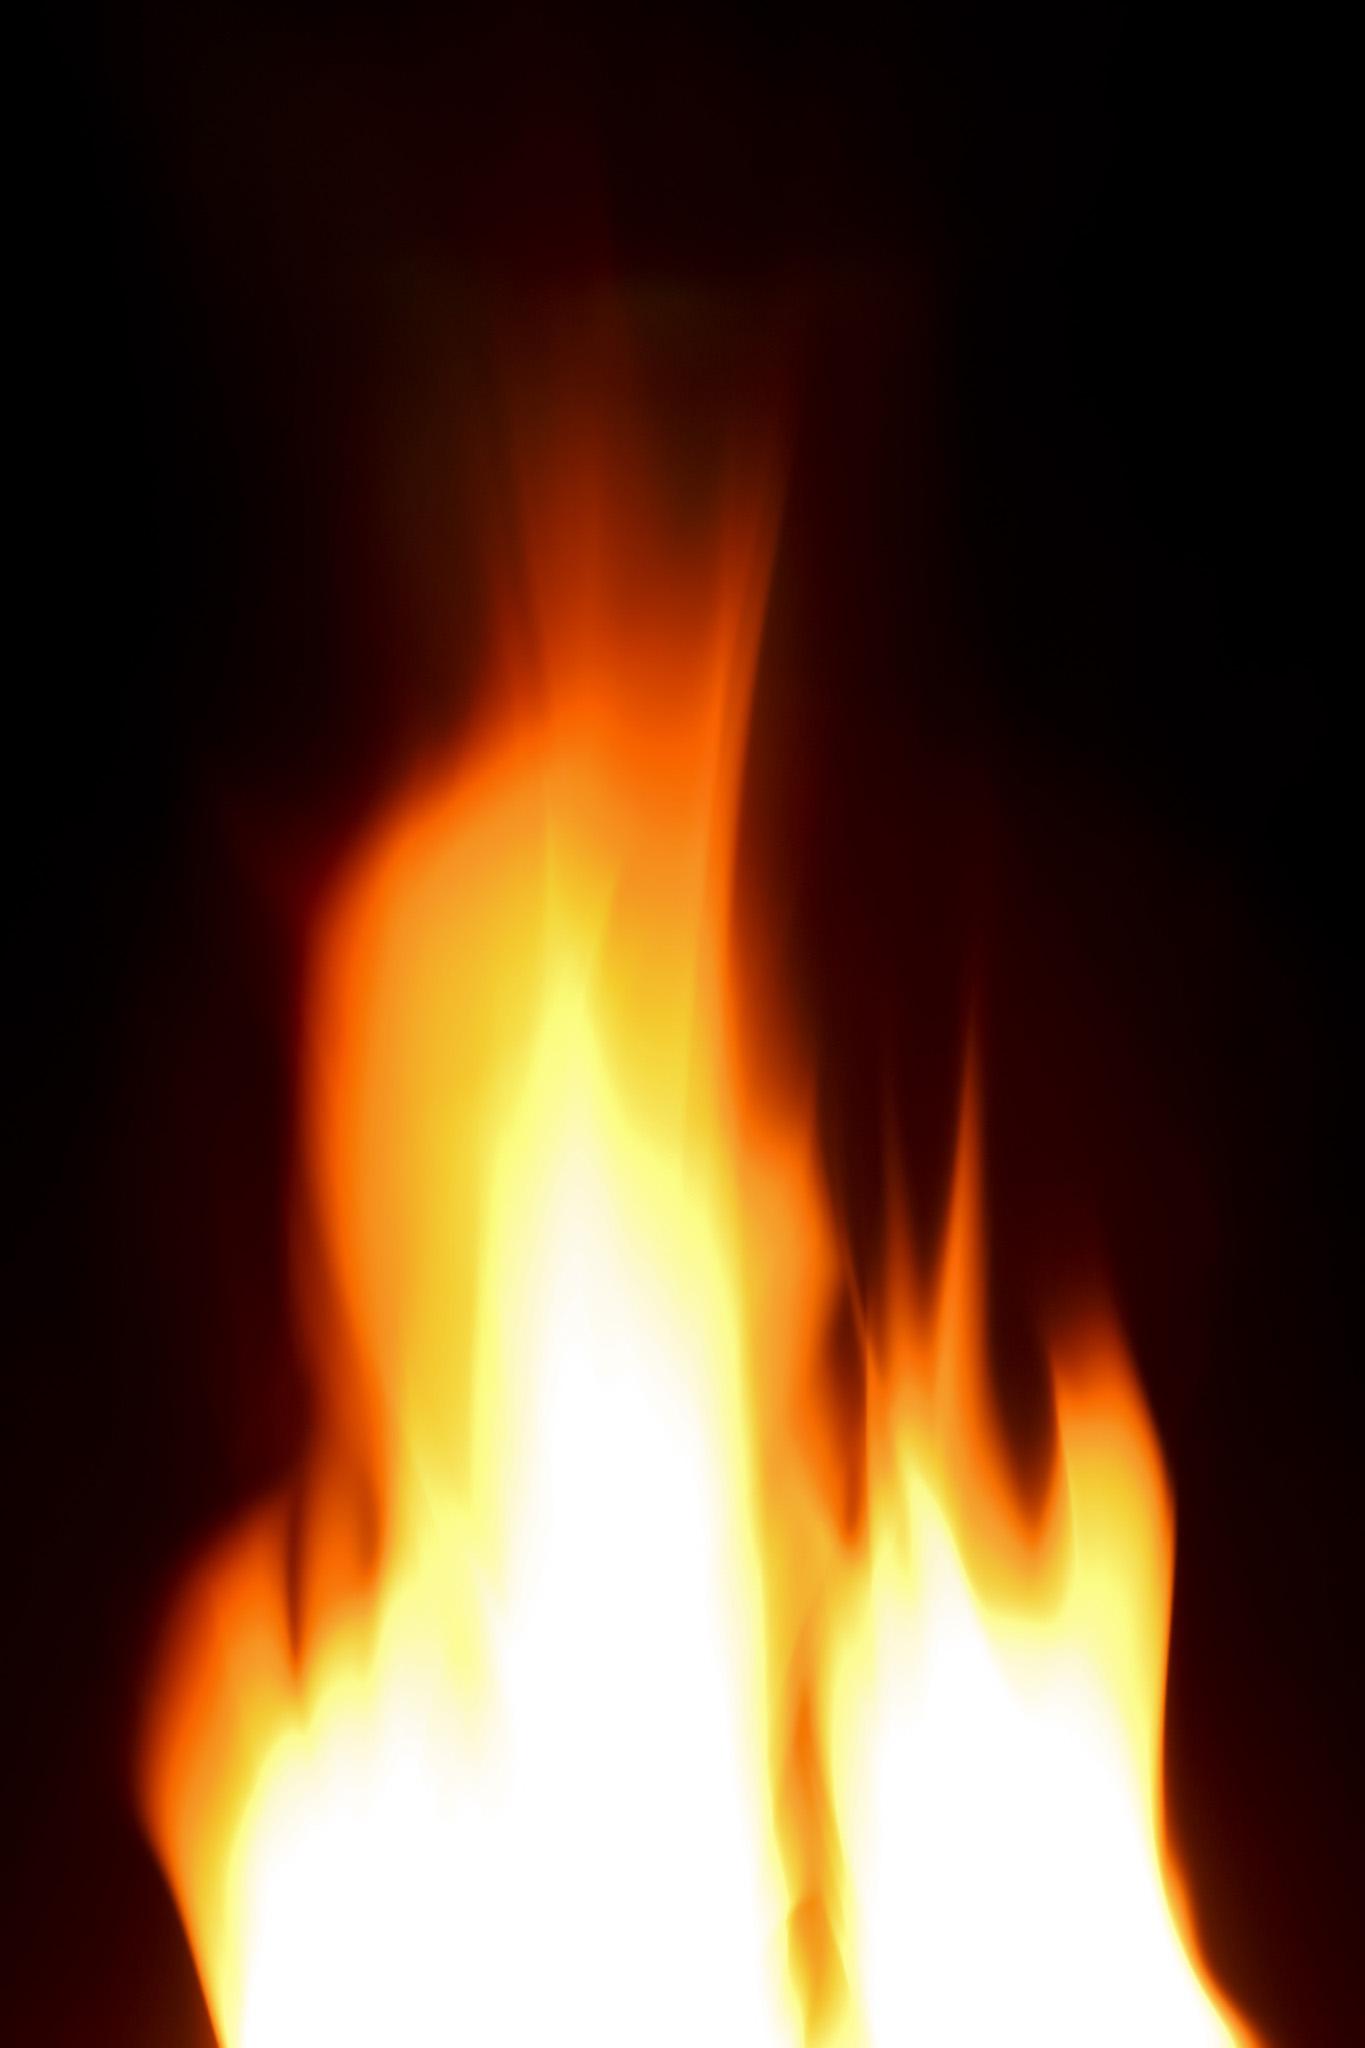 「流れるように燃え立つ火柱」